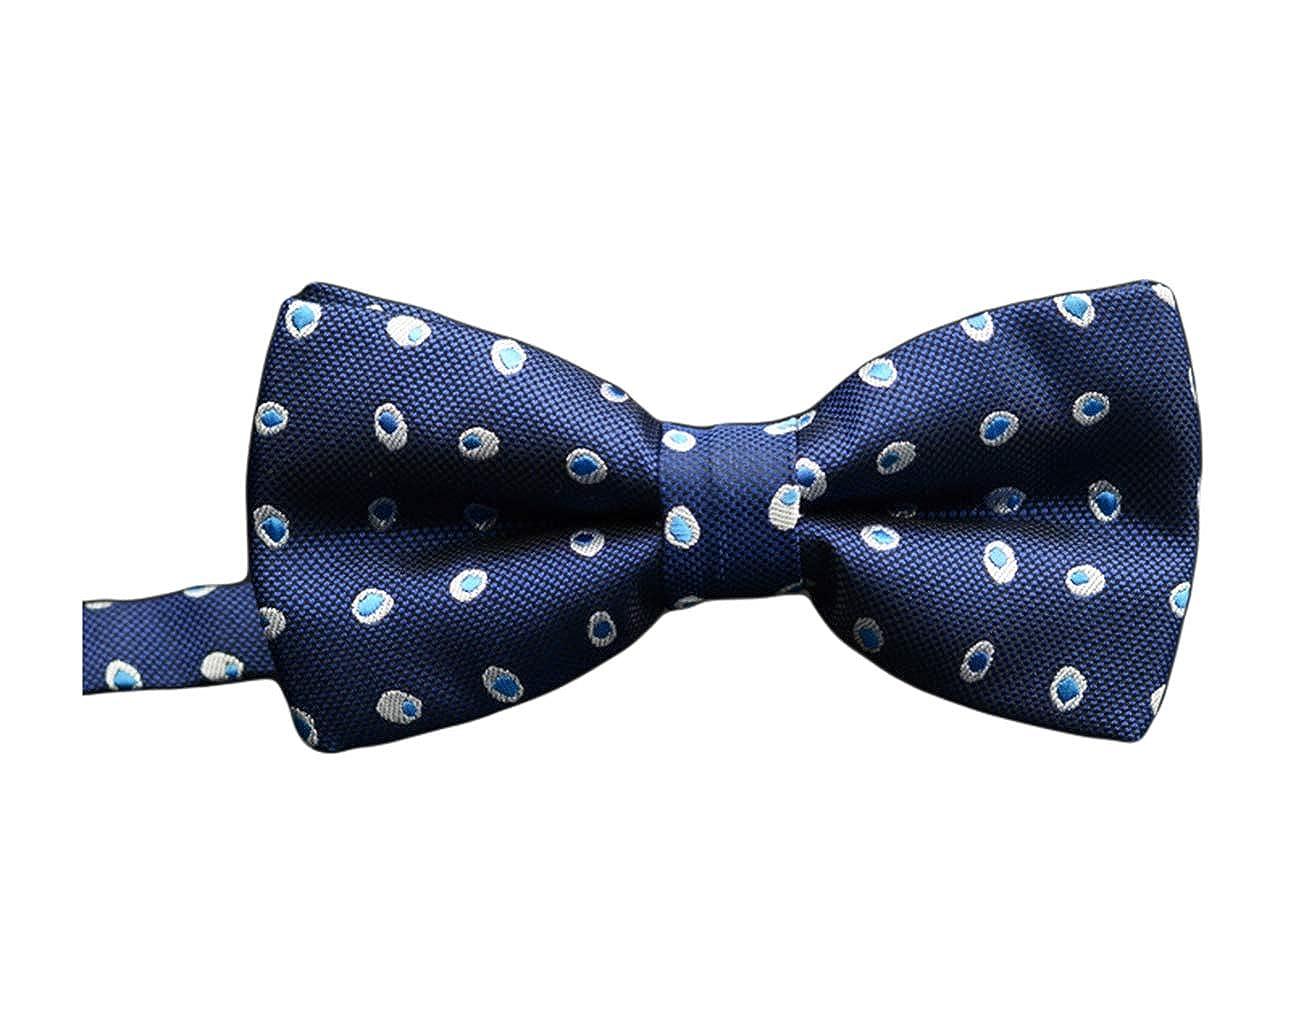 BESMODZ Fashionable Pre-tied Adjustable Mens Bow Tie Formal Wedding Party Bowtie